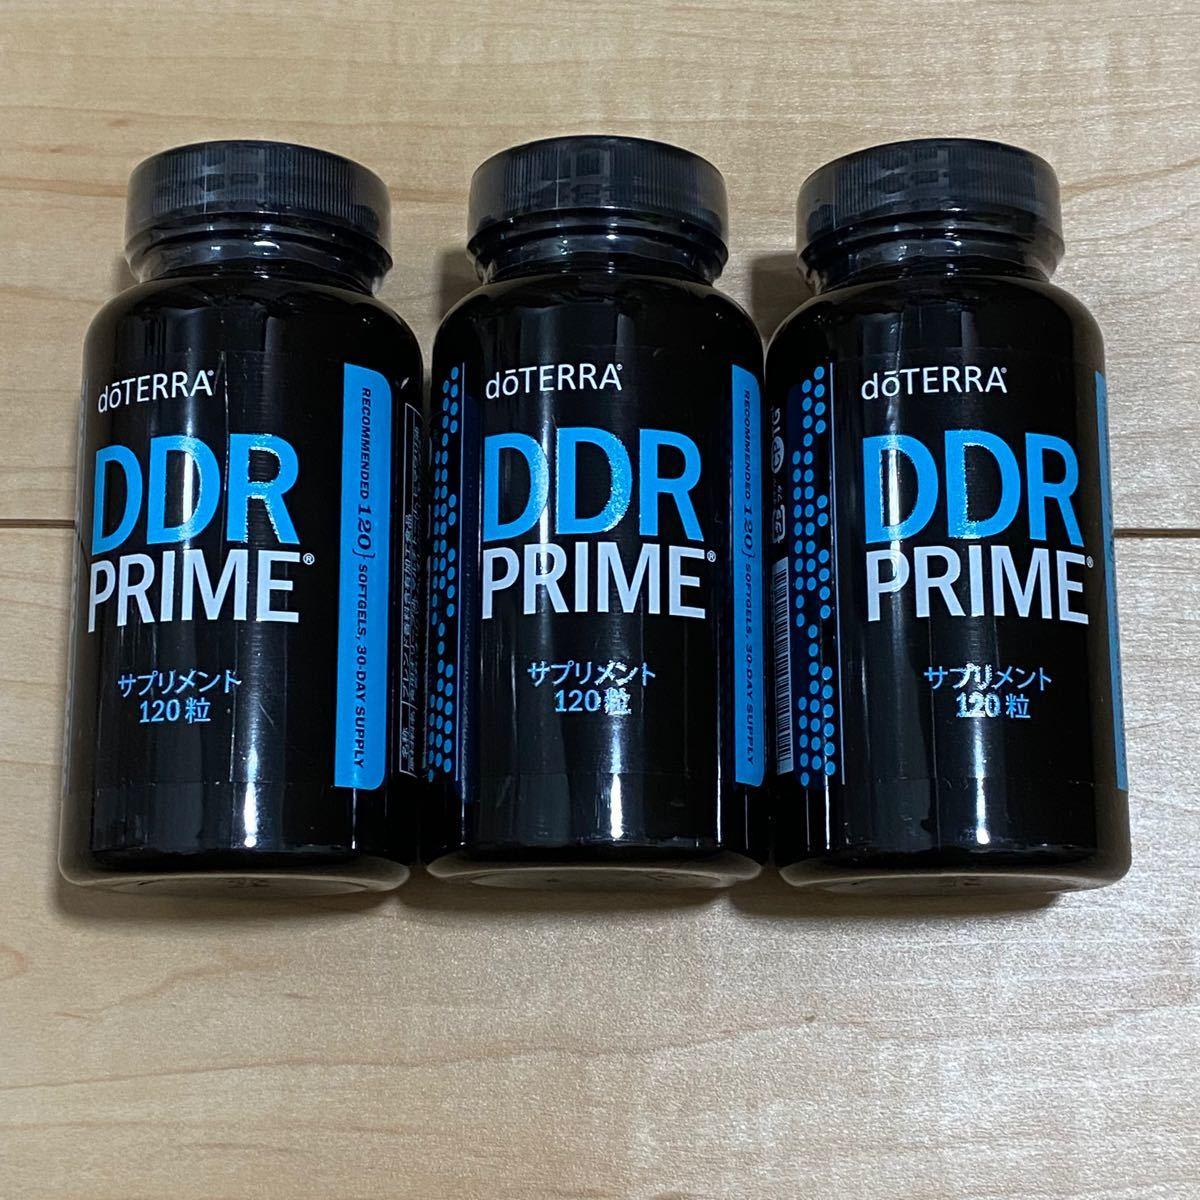 doTERRA ドテラ DDRプライムソフトジェル 3個セット  サプリメント エッセンシャルオイル